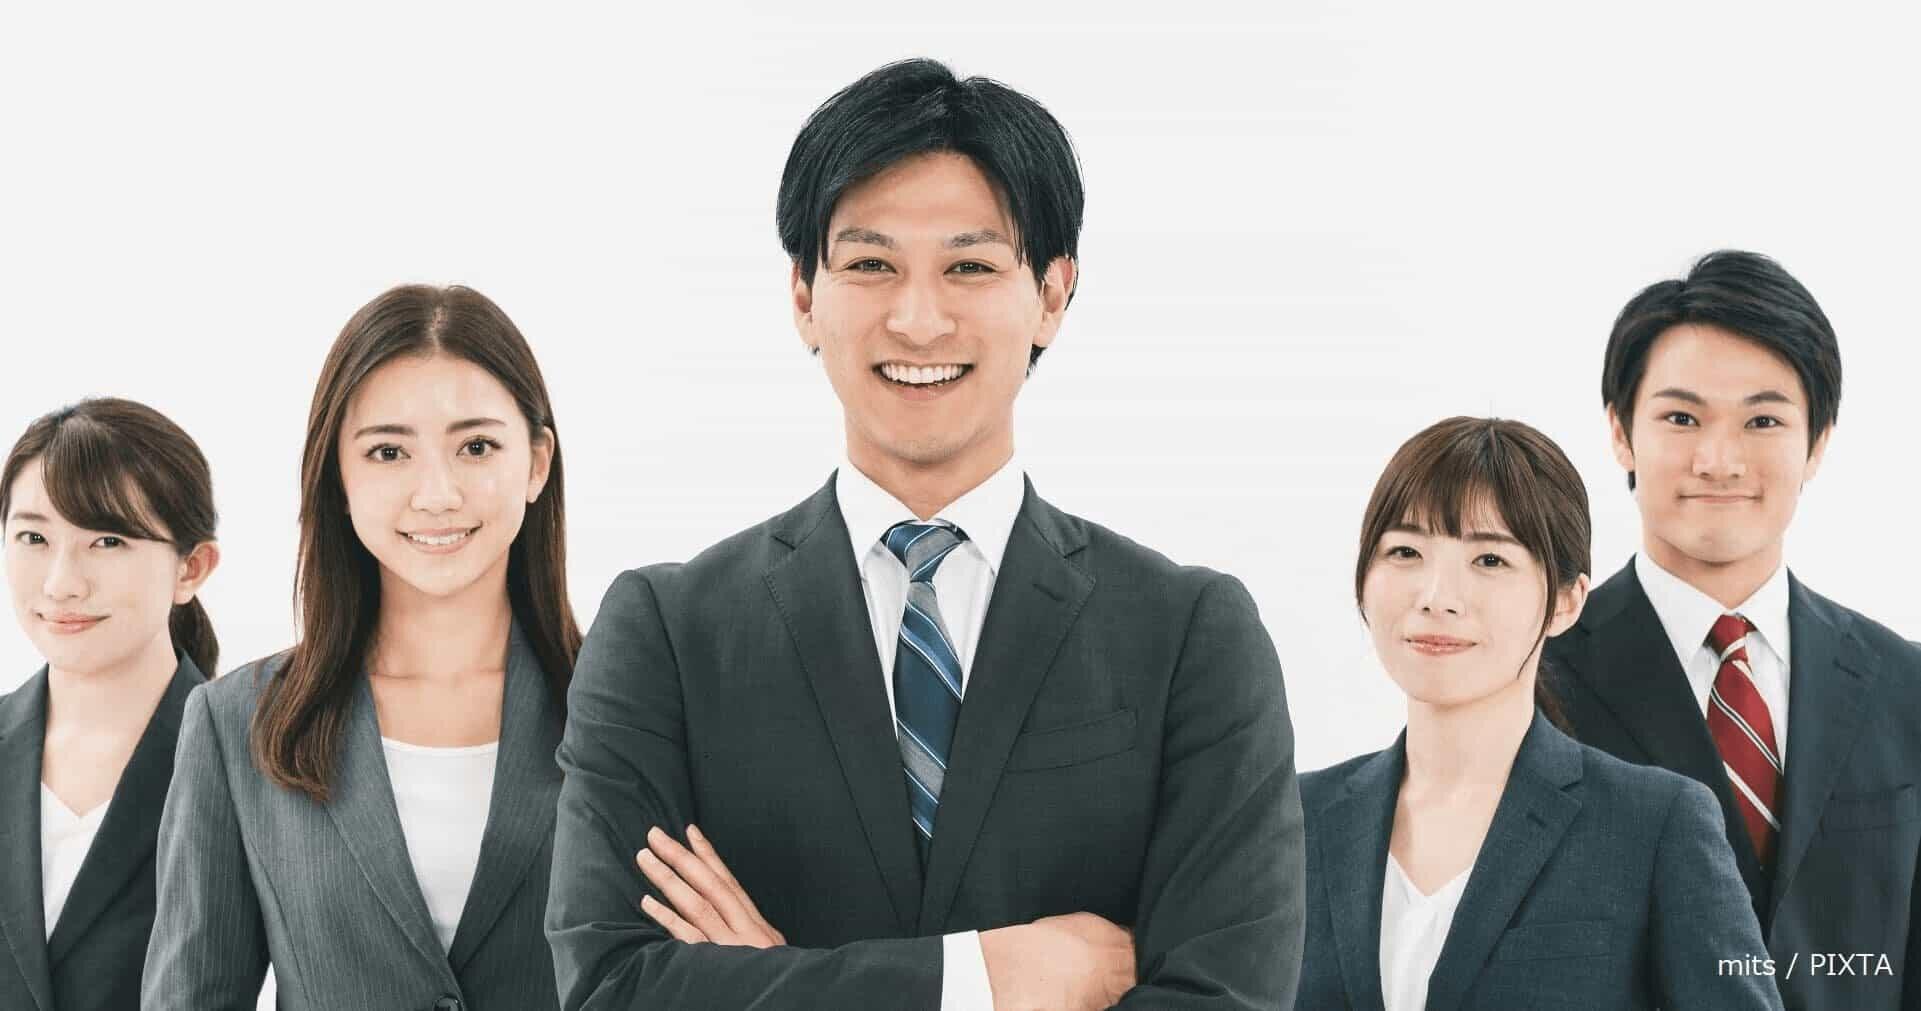 【第1位】係長に期待される役割とあるべき姿~現場力を高める6つのポイントとは?